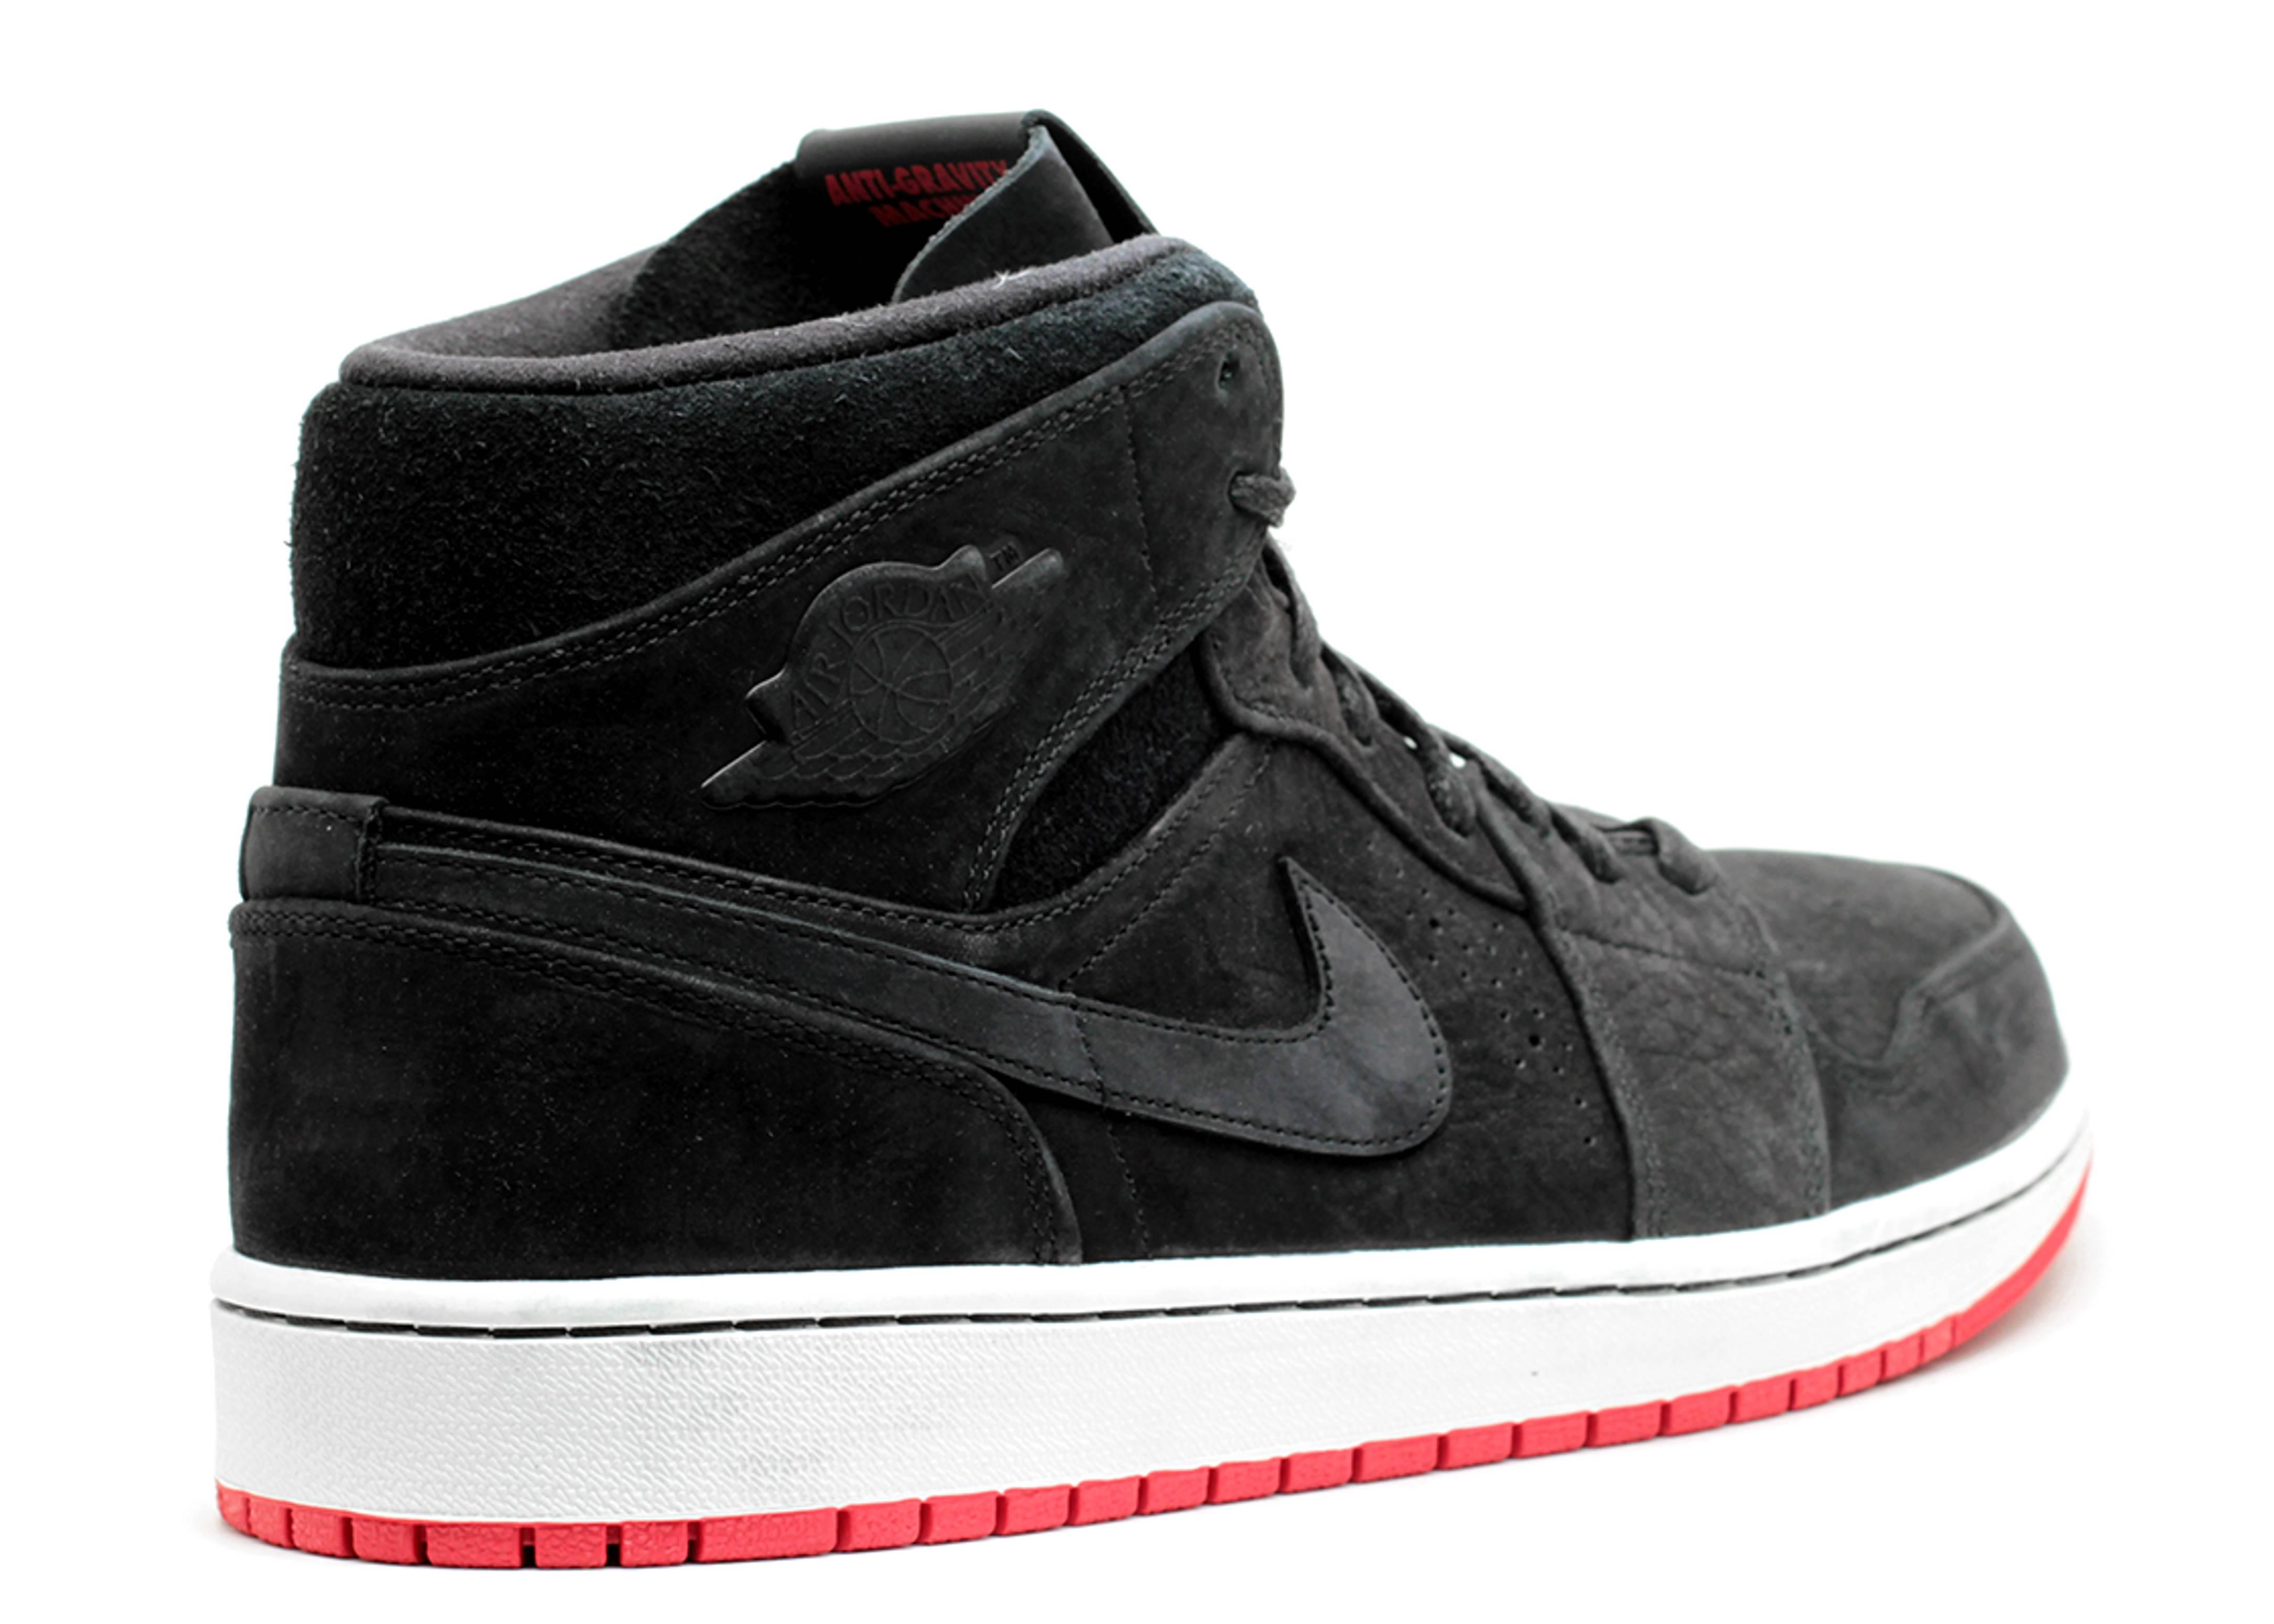 Nike Air Jordan 1 Mi Nouveau Noir / Noir-gym Rouge-voile